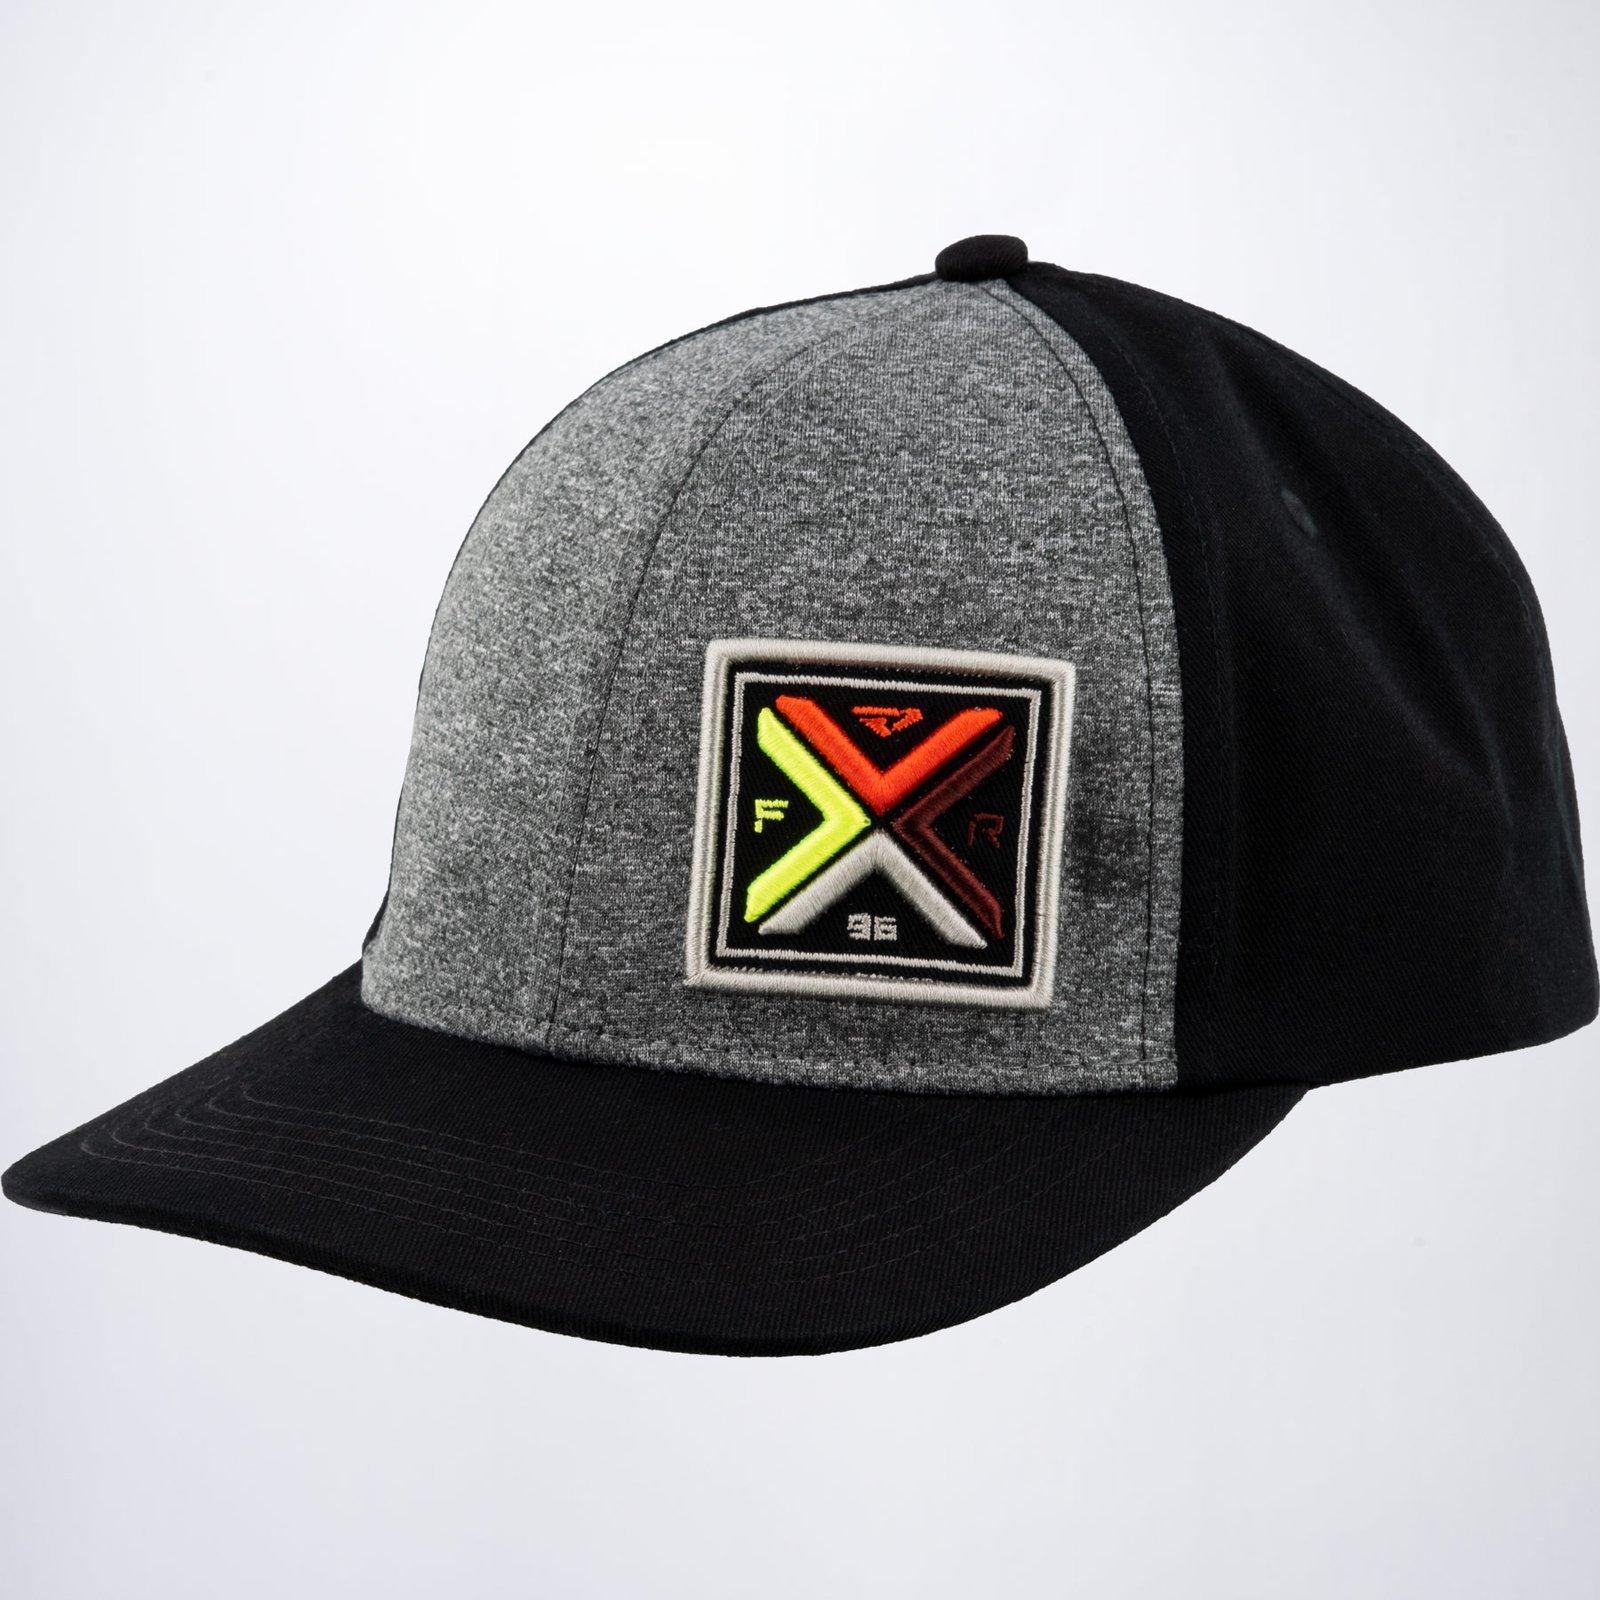 FXR AUTHENTIC HAT 21